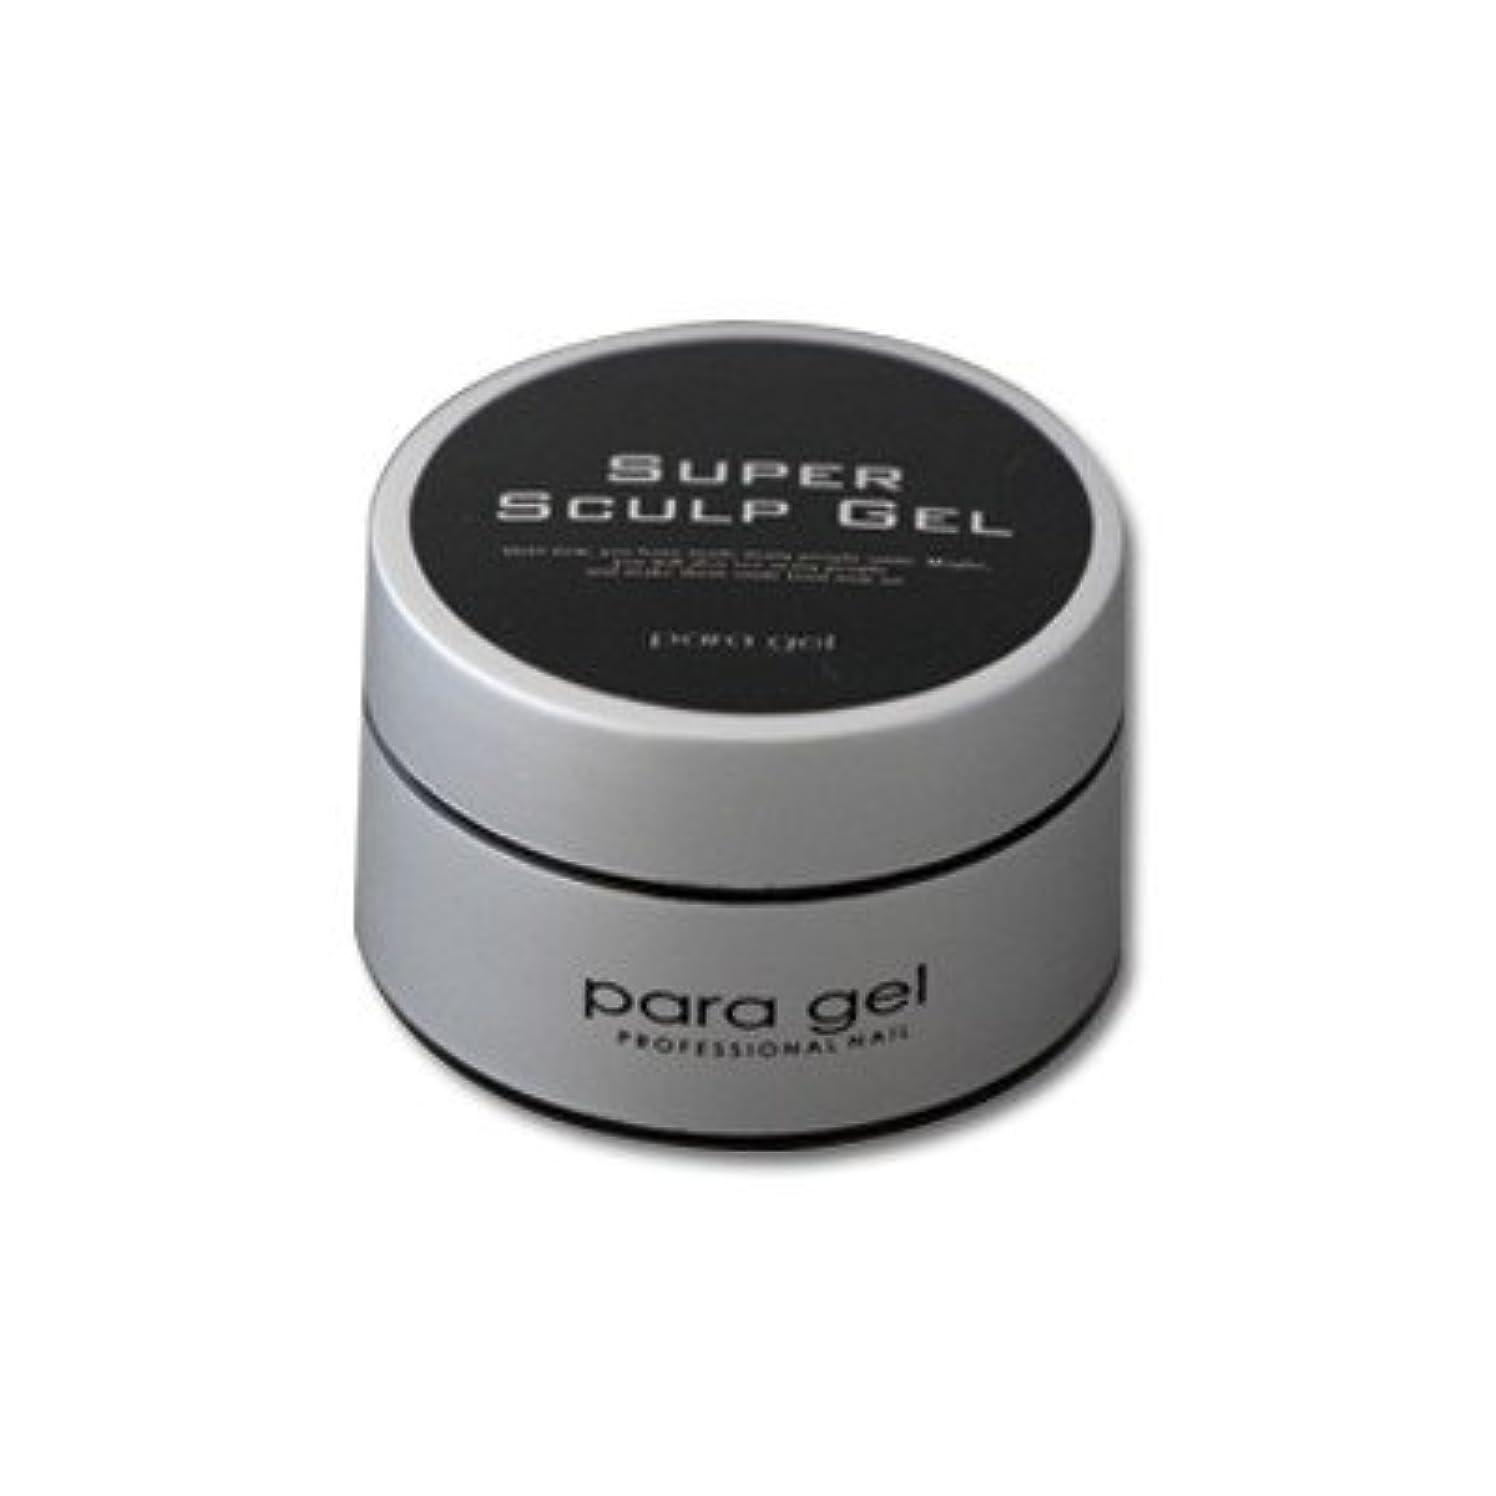 完全に乾く同情ディスクpara gel(パラジェル) スーパースカルプジェル 10g